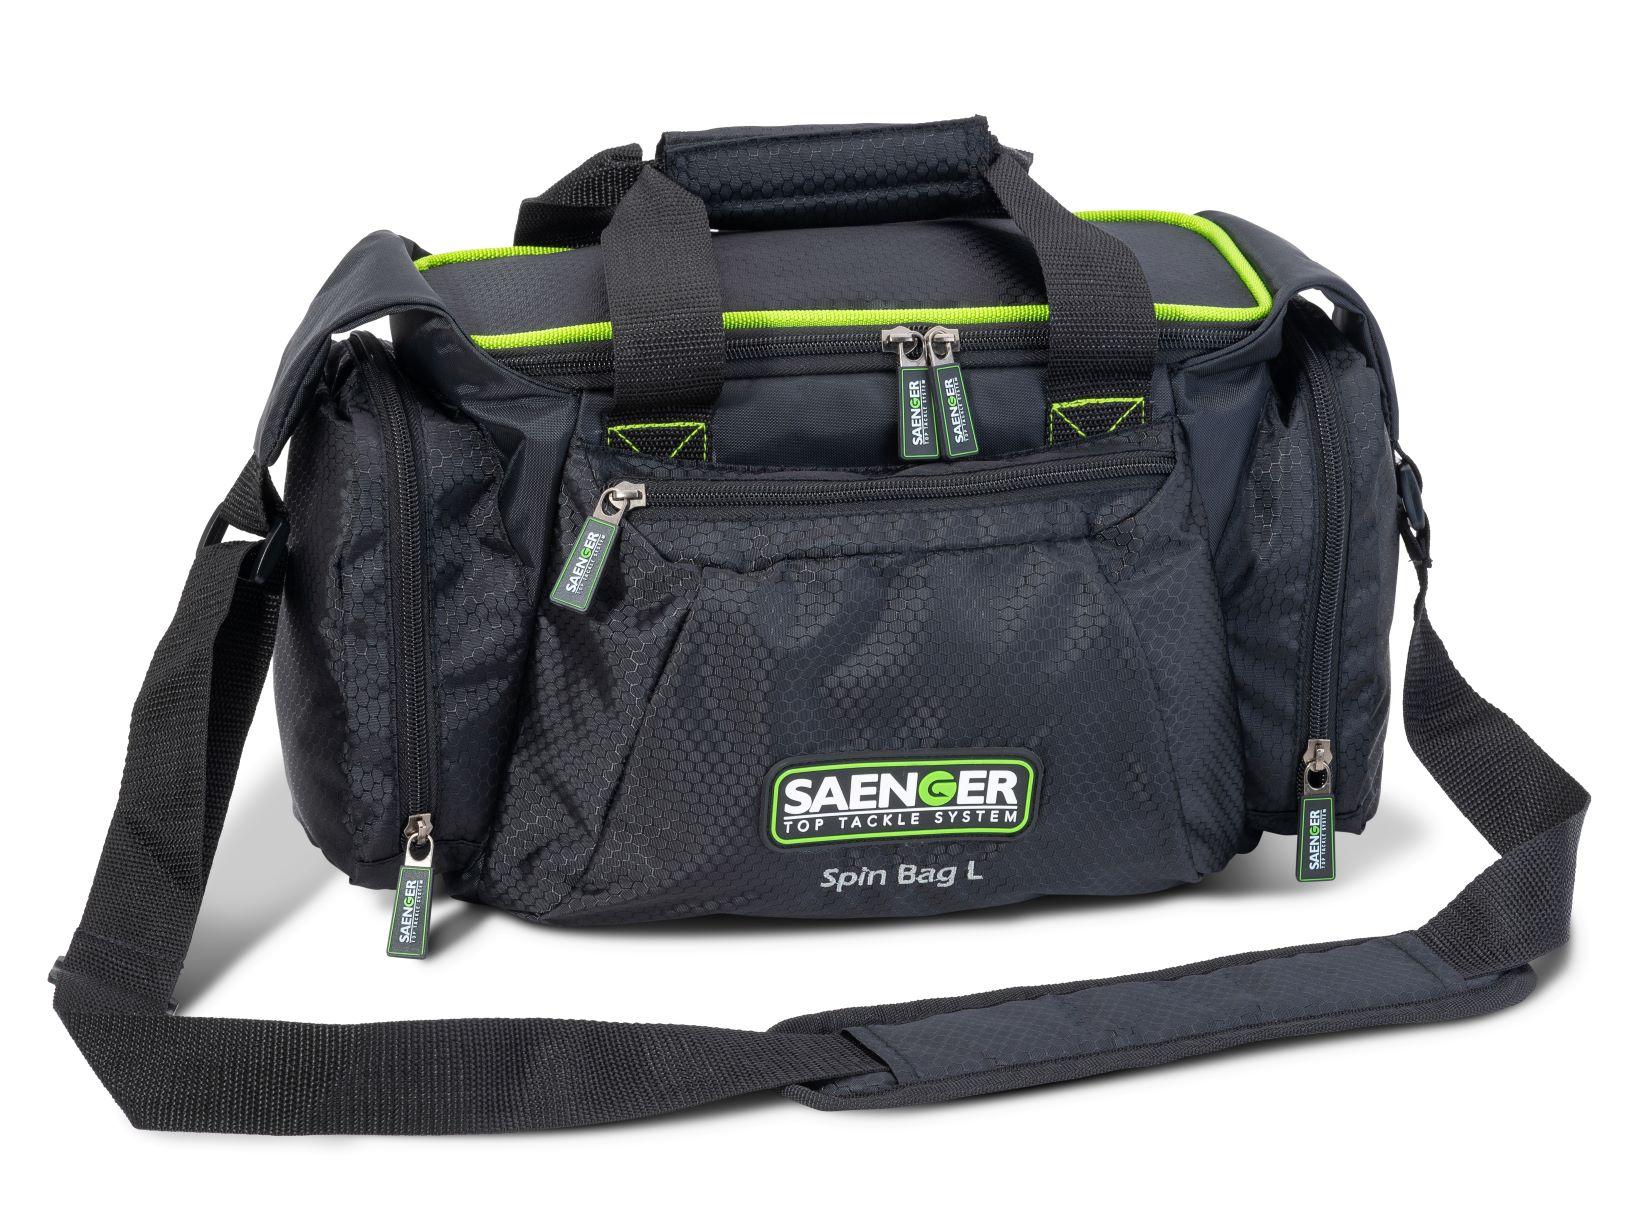 Saenger přívlačová taška Profi Spin Bag L